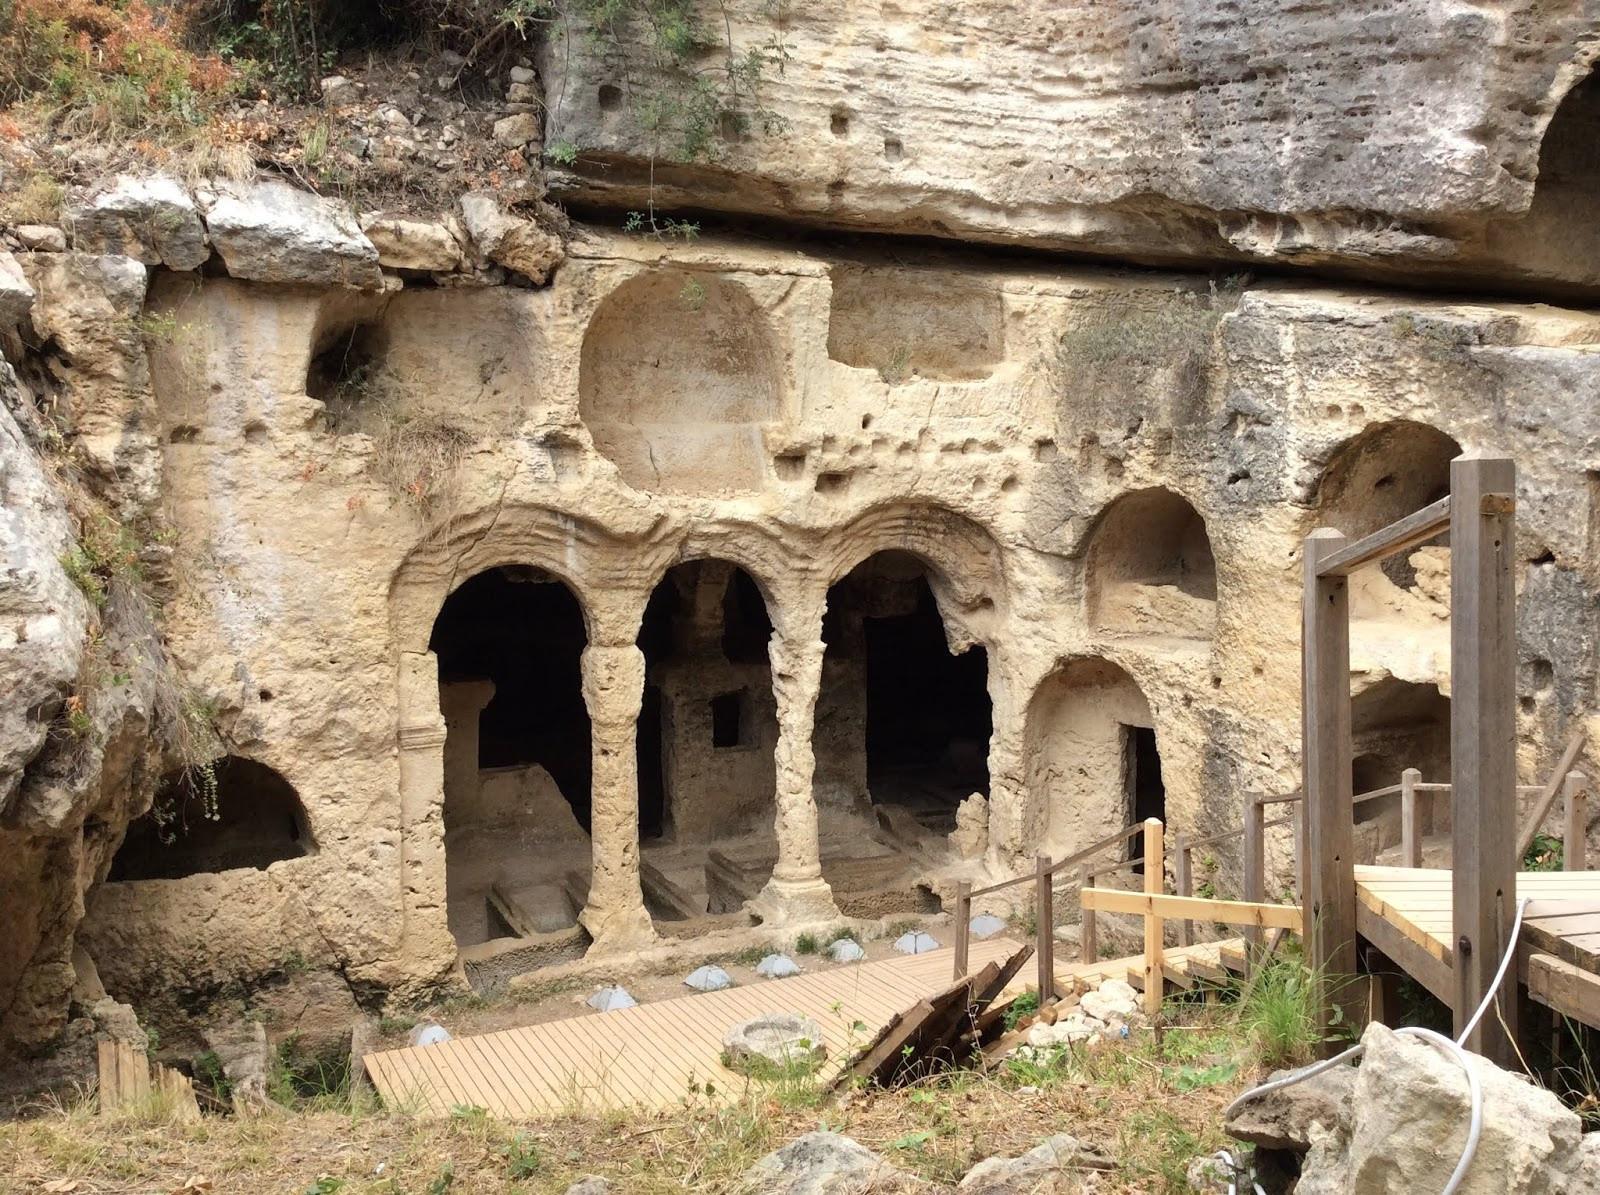 Kỳ quan ngăn nước lũ 2000 năm trước ở Thổ Nhĩ Kỳ - 6